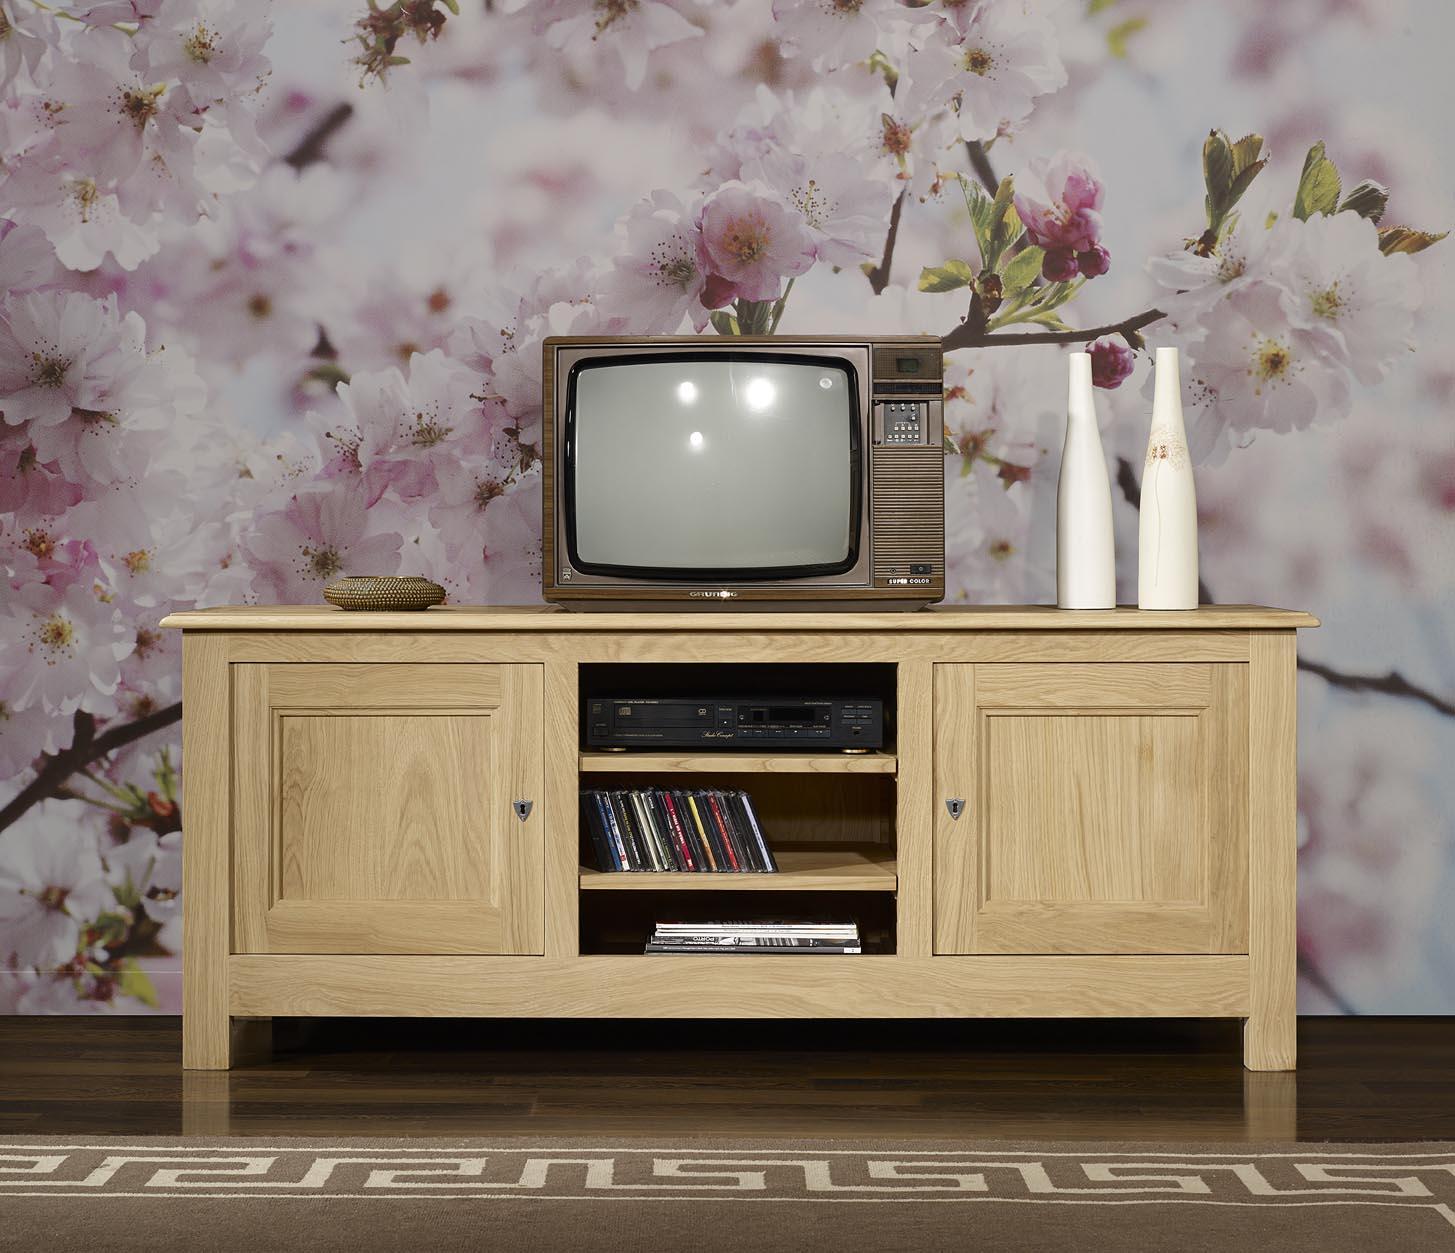 Meuble Tv 169eme Amaury Réalisé En Chêne Massif De Style Campagnard